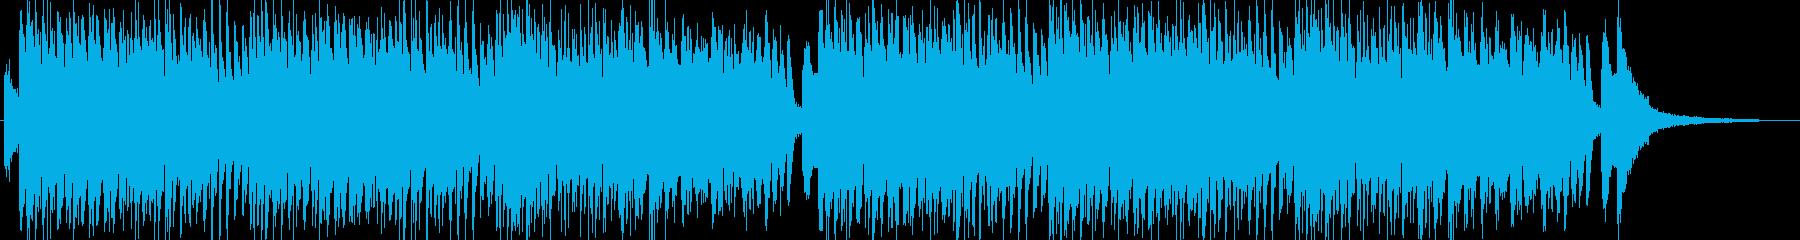 ユーモアとコミカルなドタバタBGM_2の再生済みの波形